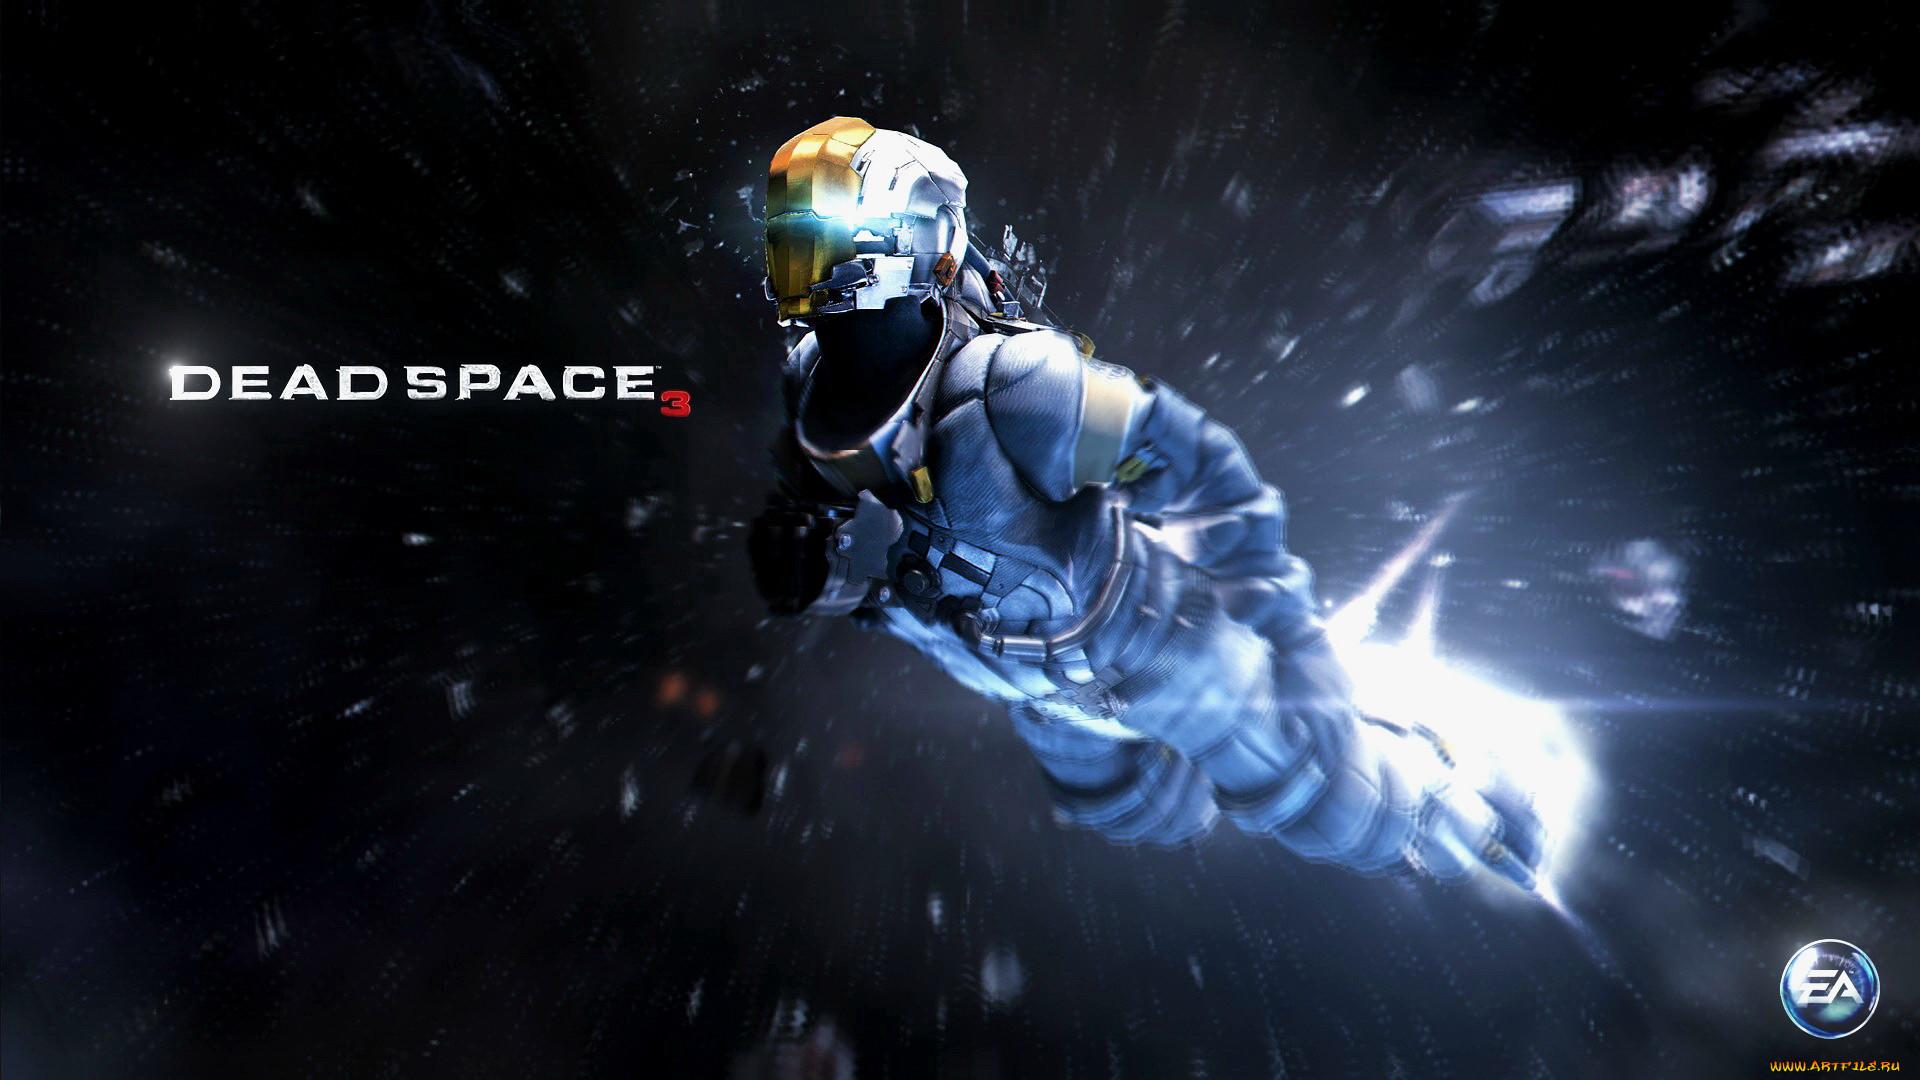 Игры dead space 3 обои для рабочего стола